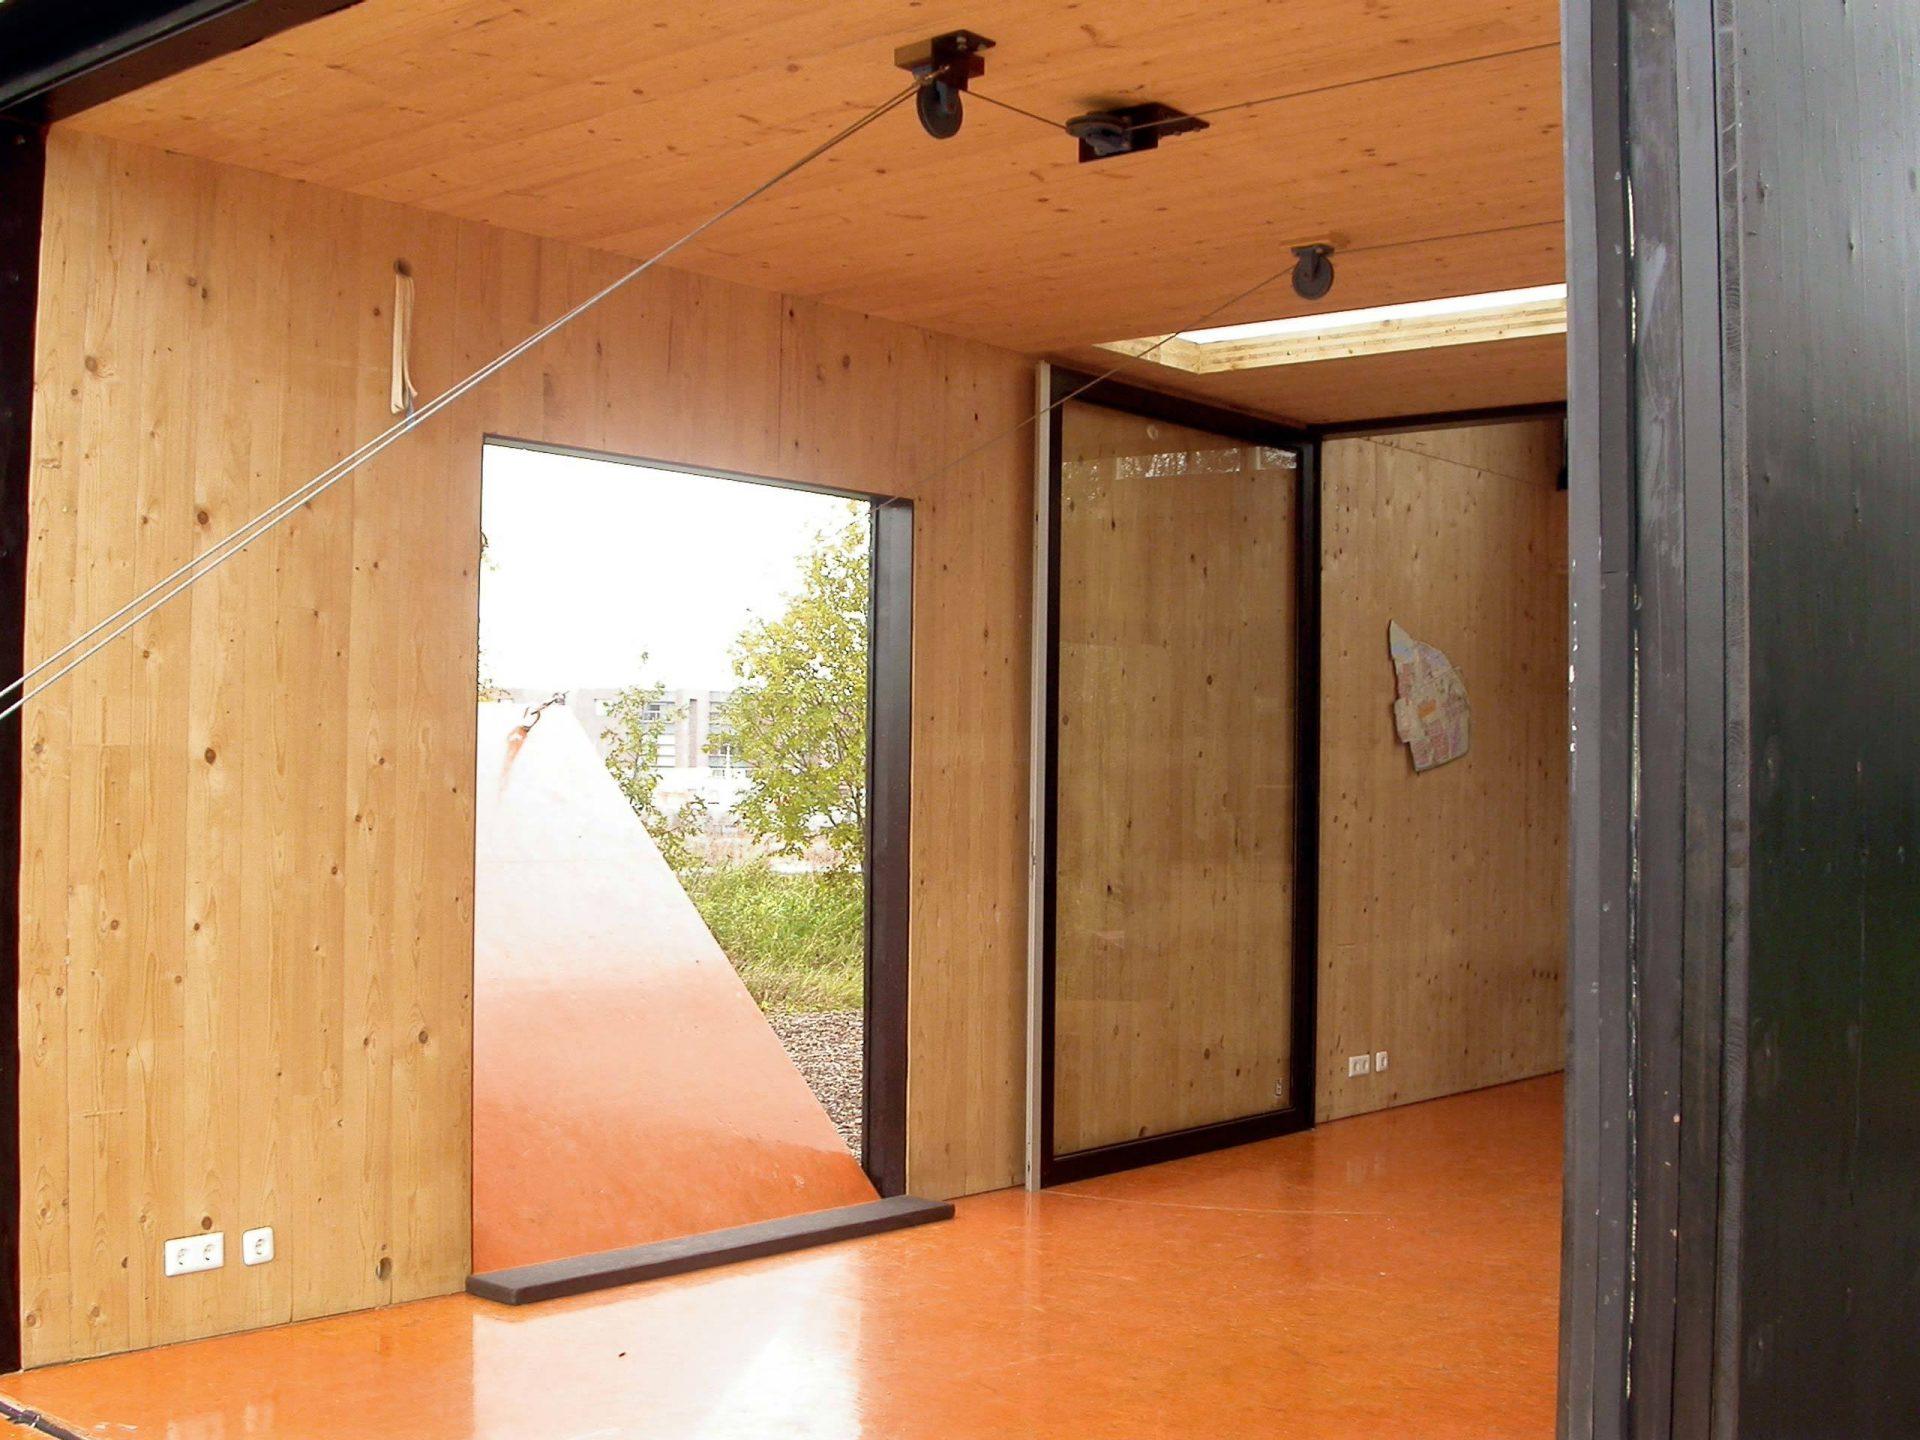 Huis 19 Door Opening System